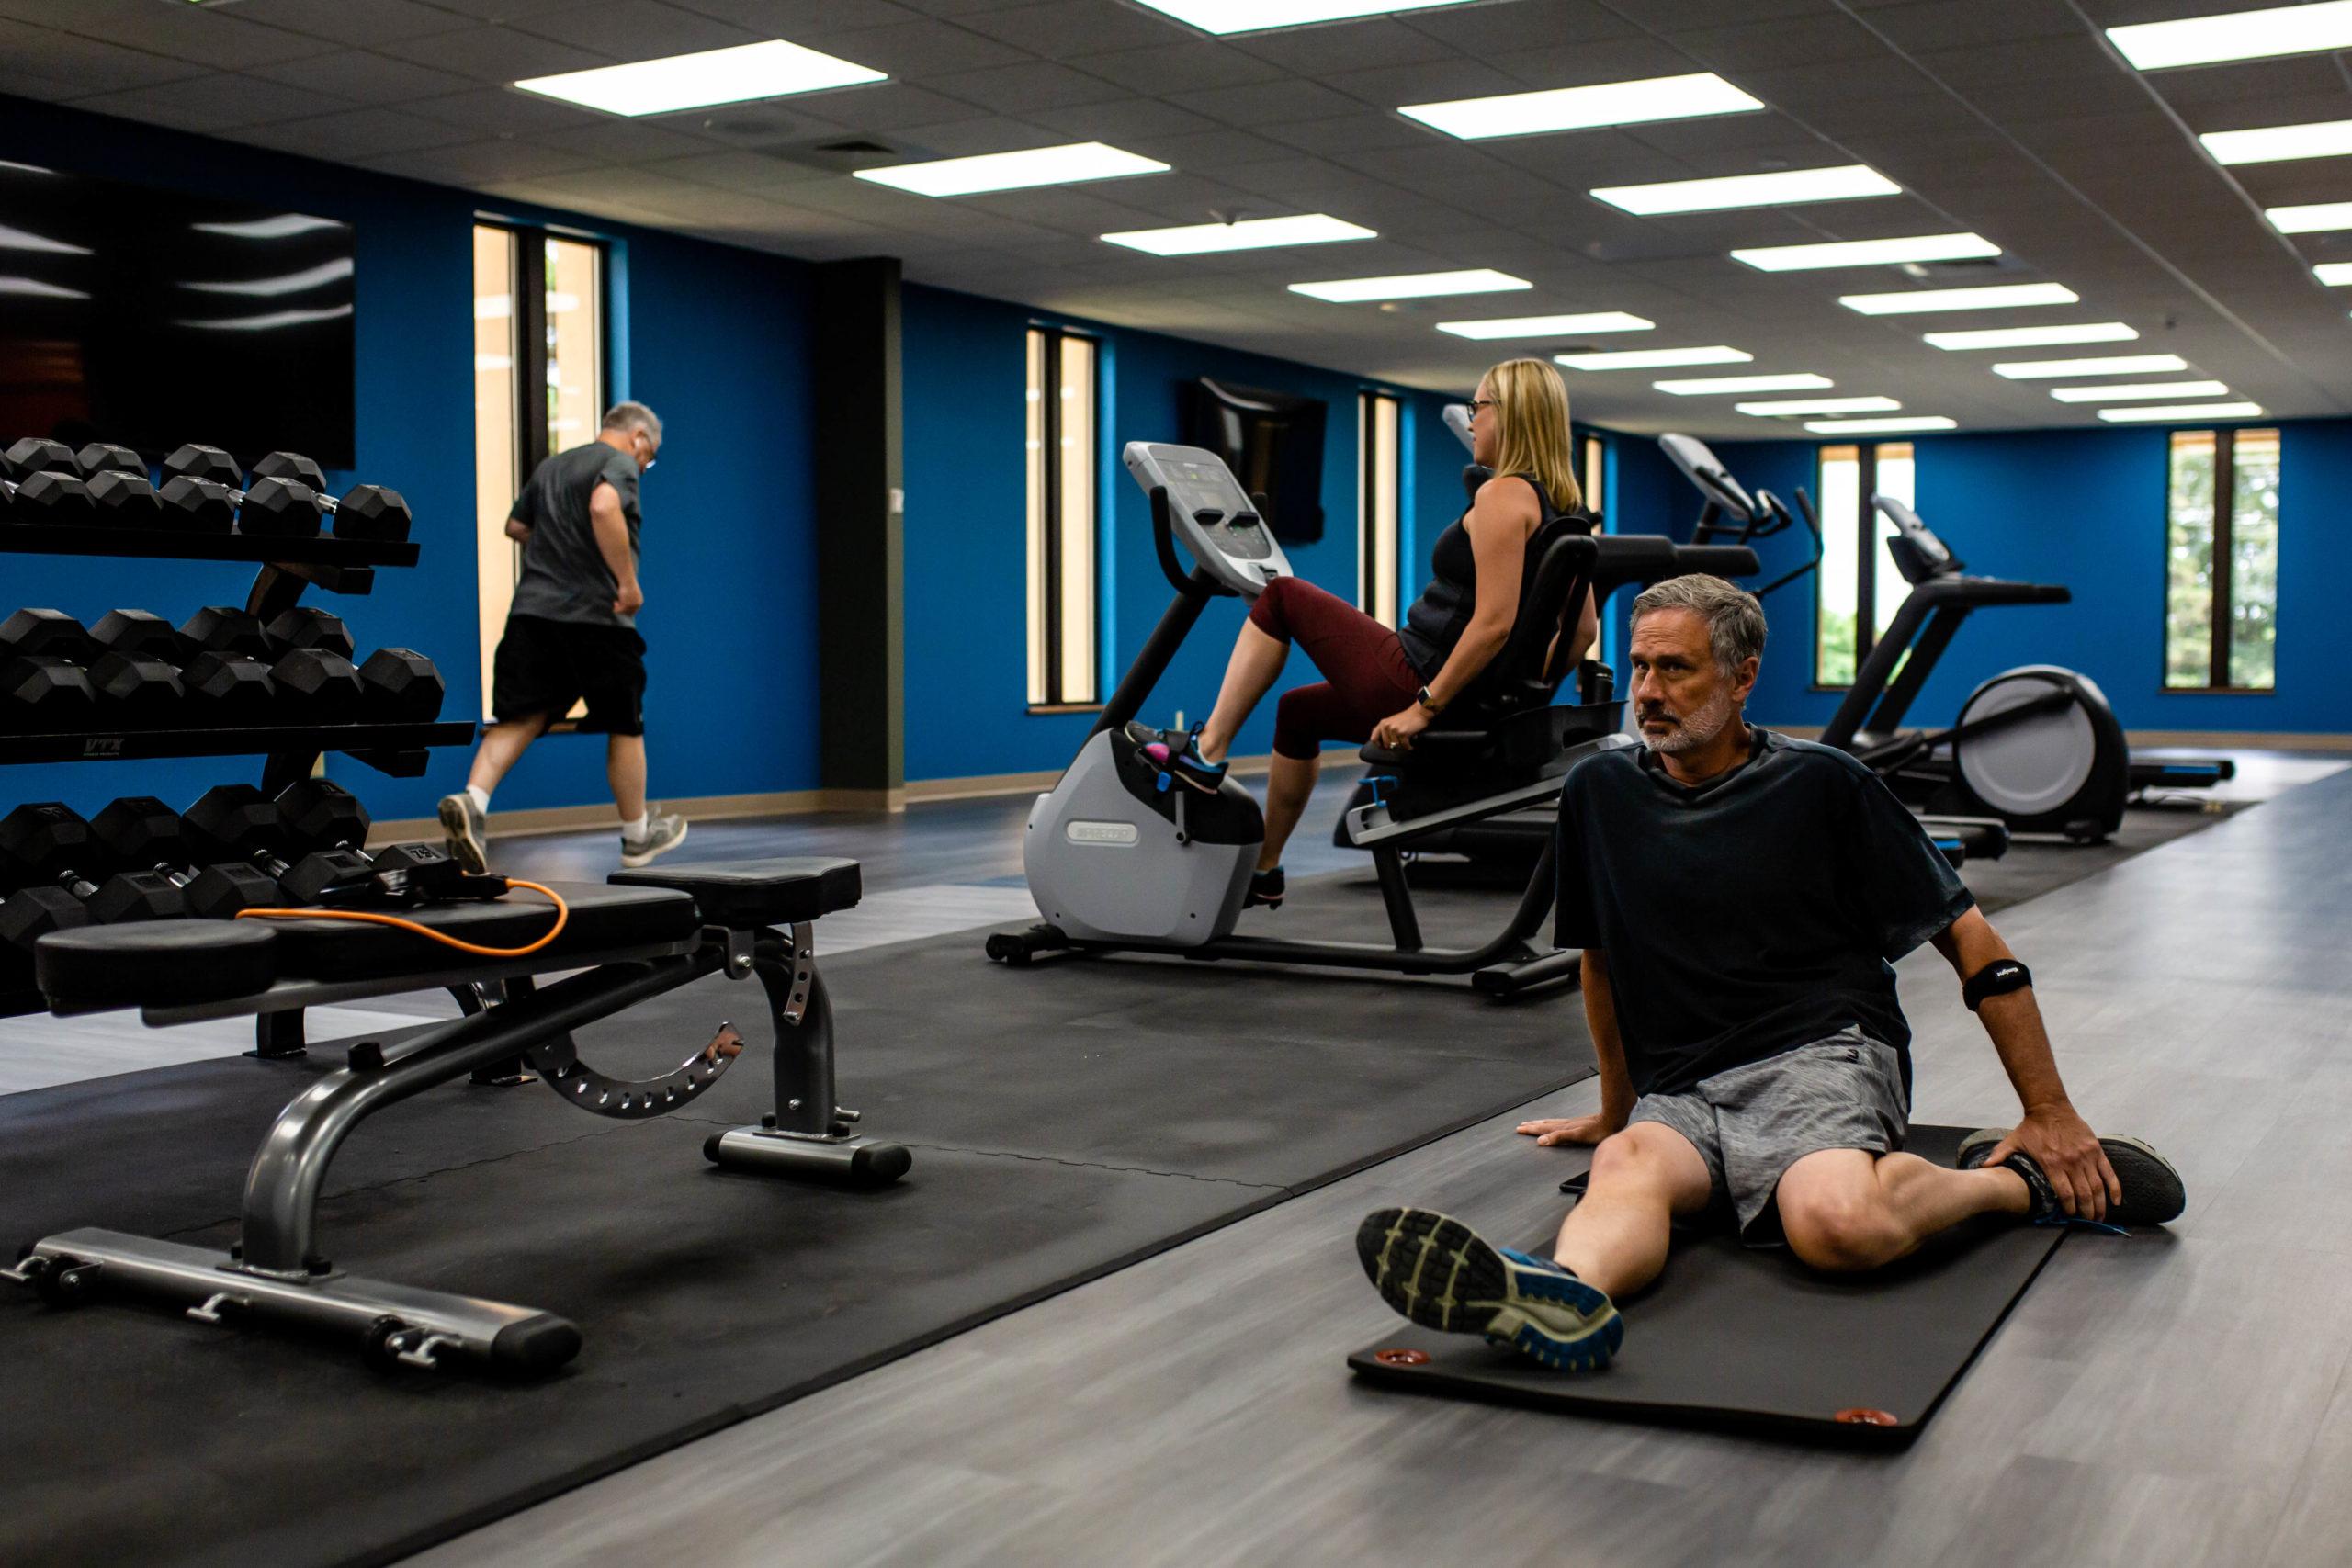 PHMIC fitness center